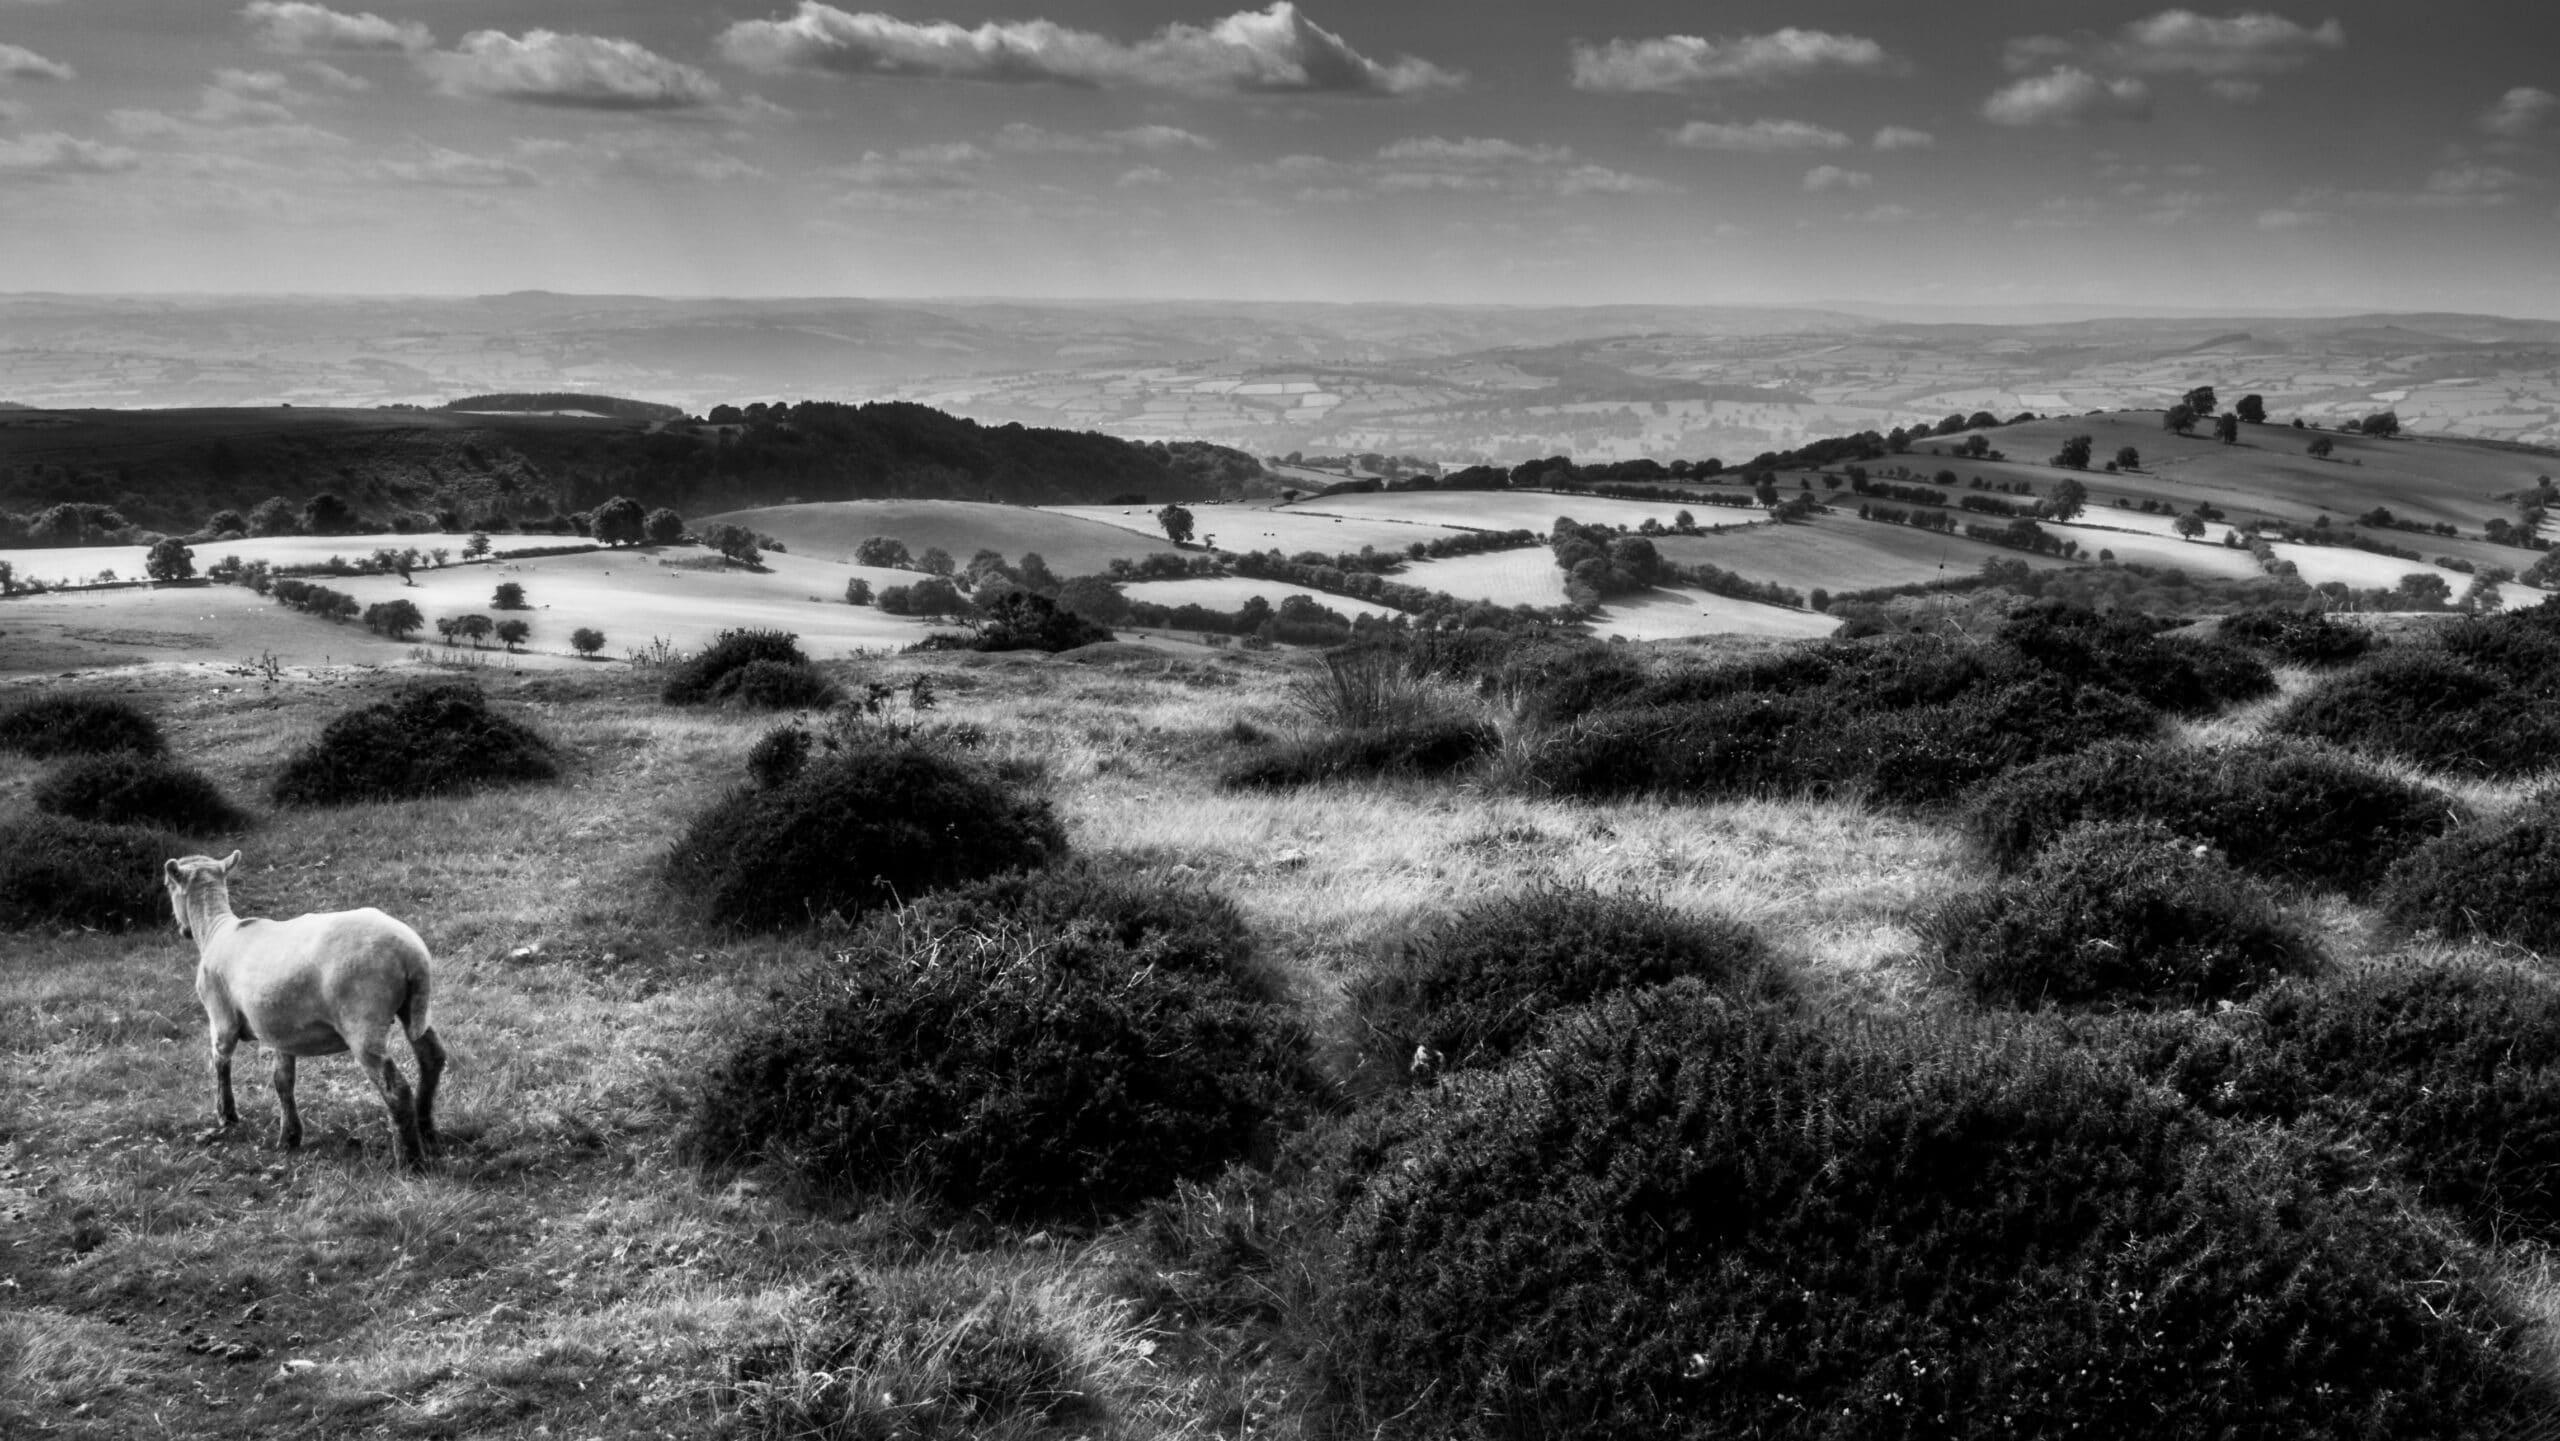 photo chèvre paysage plaine champs contraste dodge & burn photo noir et blanc lightroom